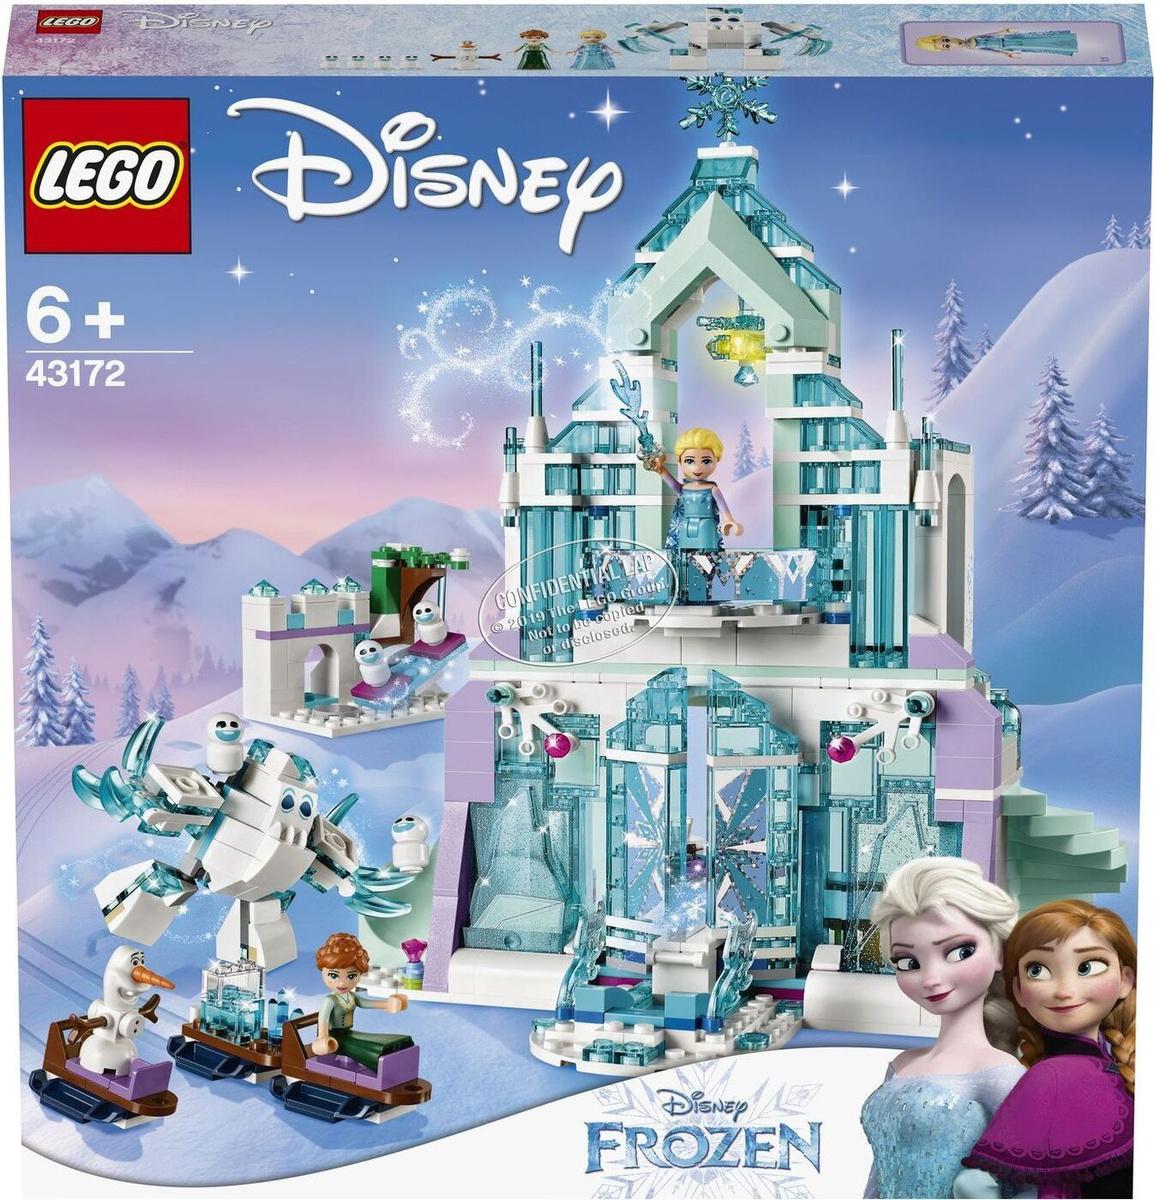 Конструктор LEGO Disney Frozen 43172 Волшебный ледяной замок Эльзы  #1